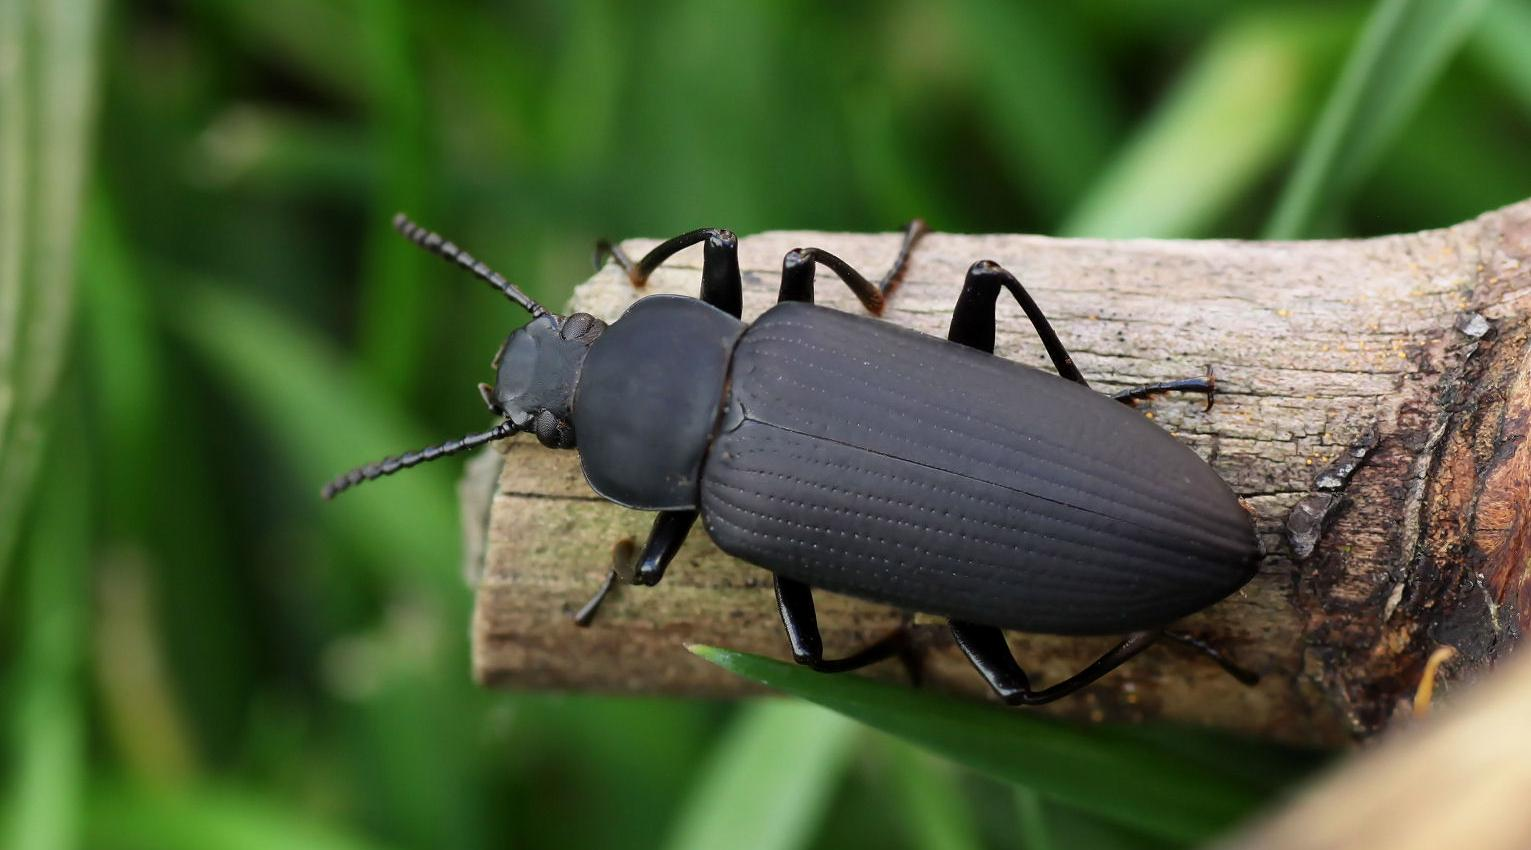 В лапках жуков обнаружили смазочный материал лучше тефлона